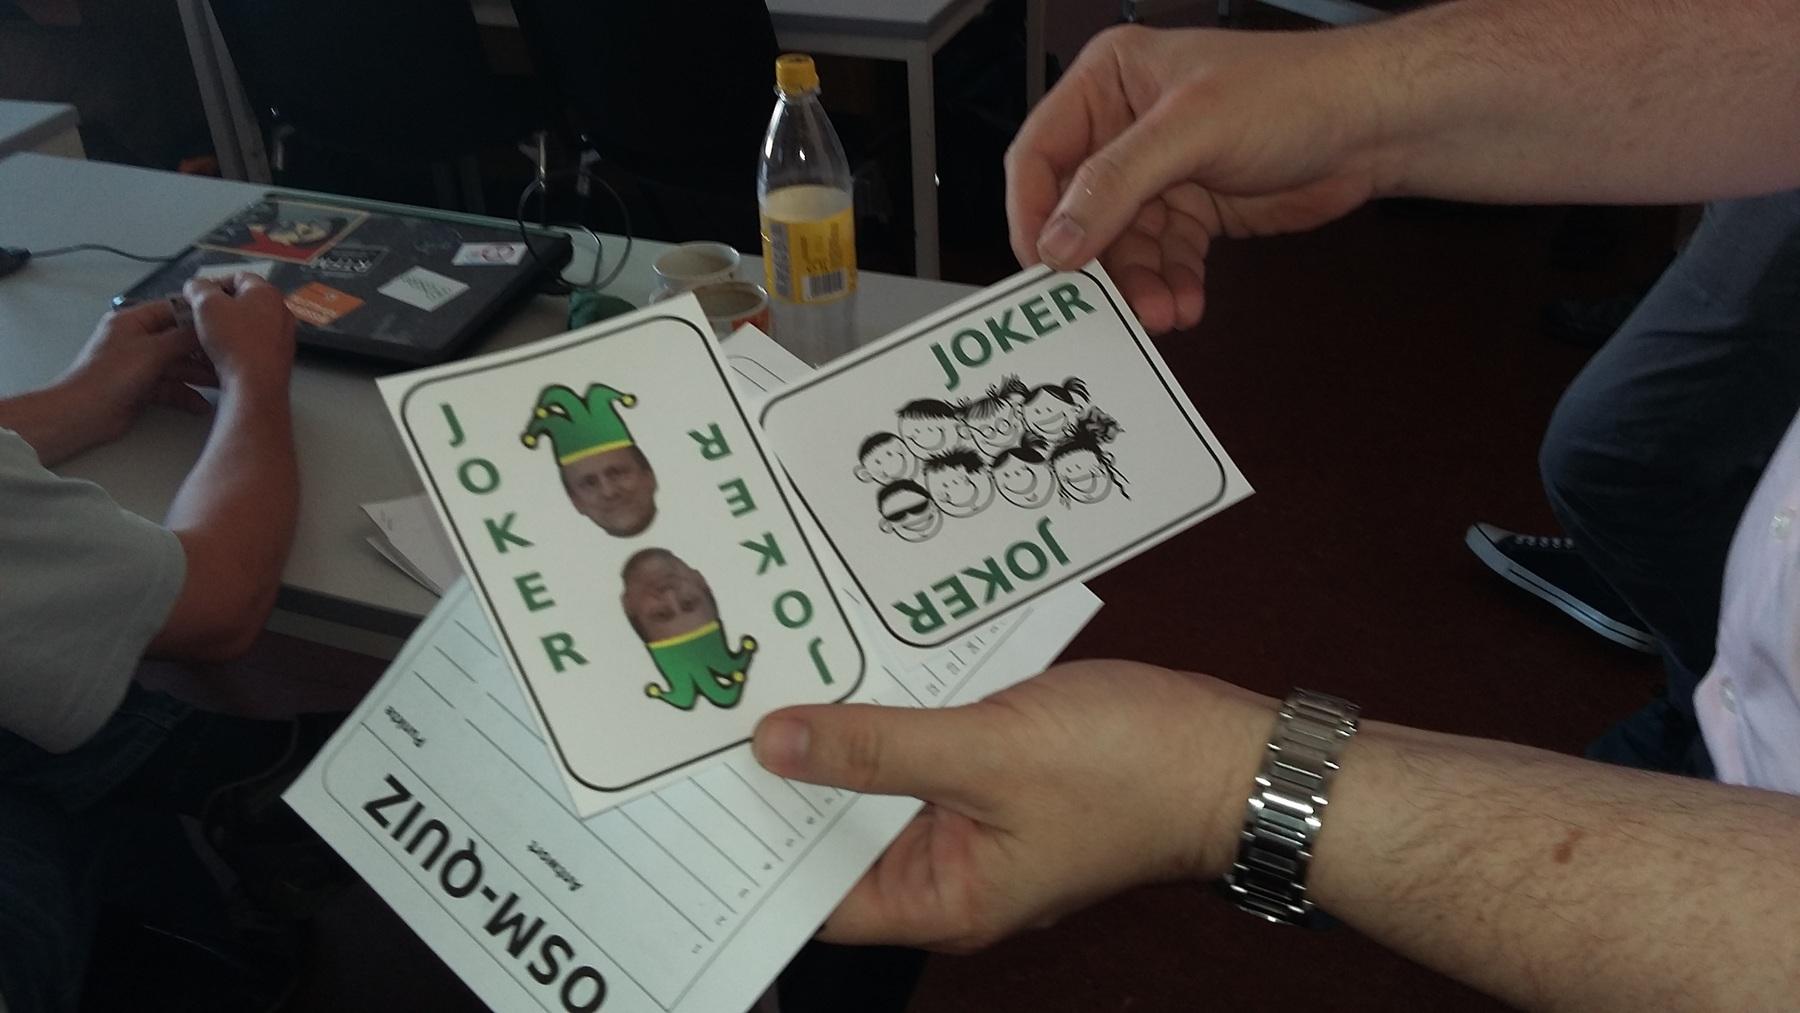 Foto Fred-Joker und Publikums-Joker zusammen mit Spielzettel